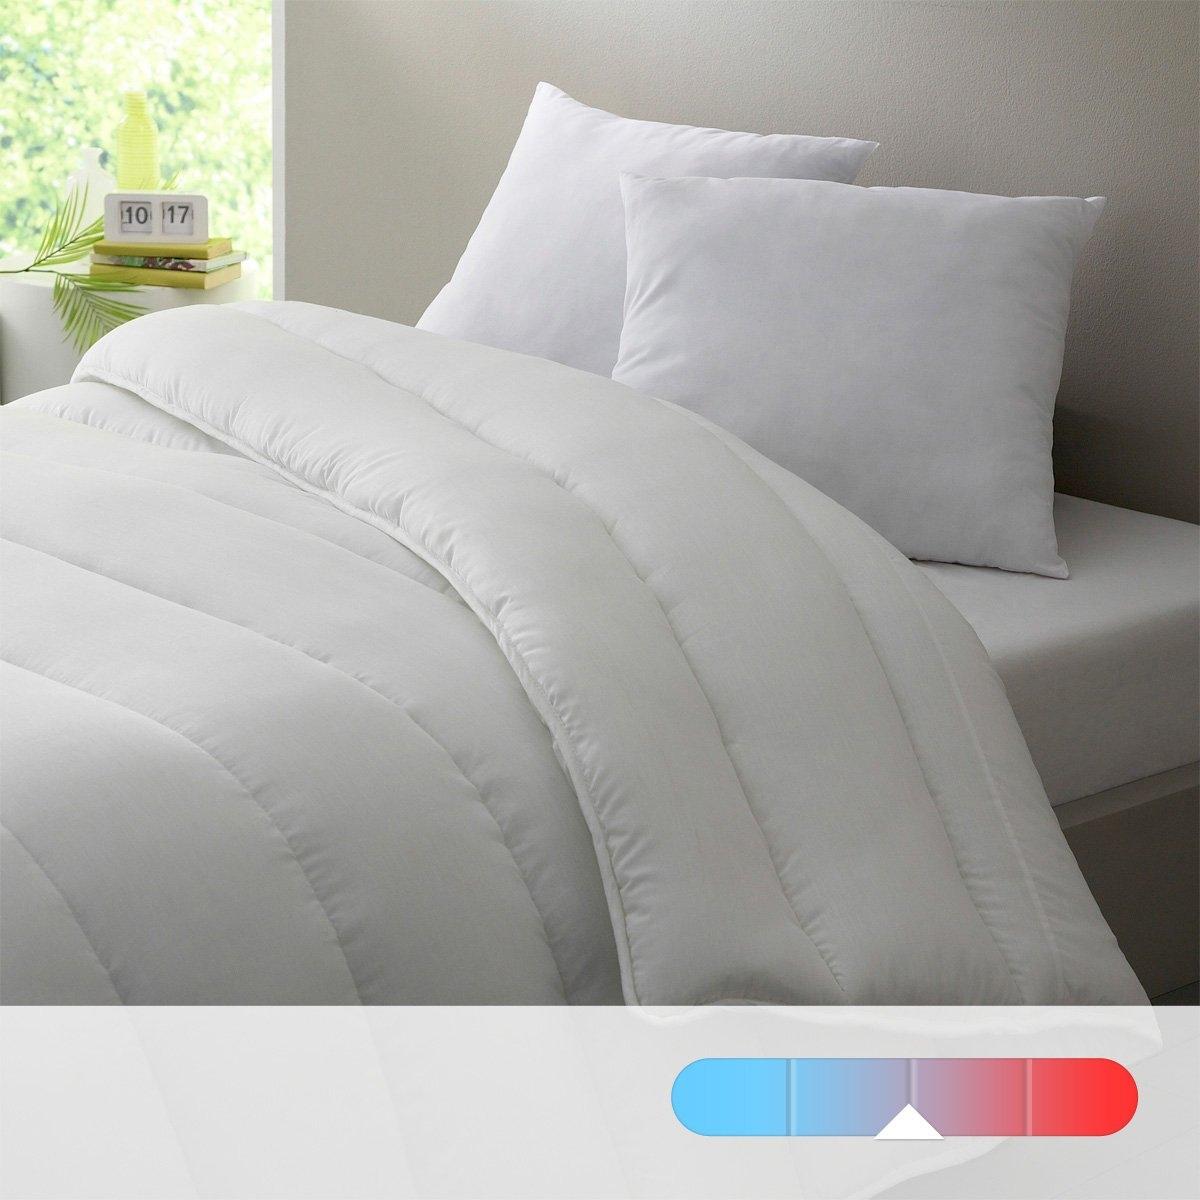 Одеяло из синтетики, 300 г/м?Превосходное соотношение цена/качество! Чехол из 100% полиэстера. Наполнитель: полые силиконизированные волокна полиэстера. Отделка кантом. Стежка косыми линиями. 300 г/м?. Легкое одеяло идеально подходит для отапливаемых помешщений с температурой от 15° до 20°. Стирка при 30°.<br><br>Цвет: белый<br>Размер: 140 x 200  см.260 x 240  см